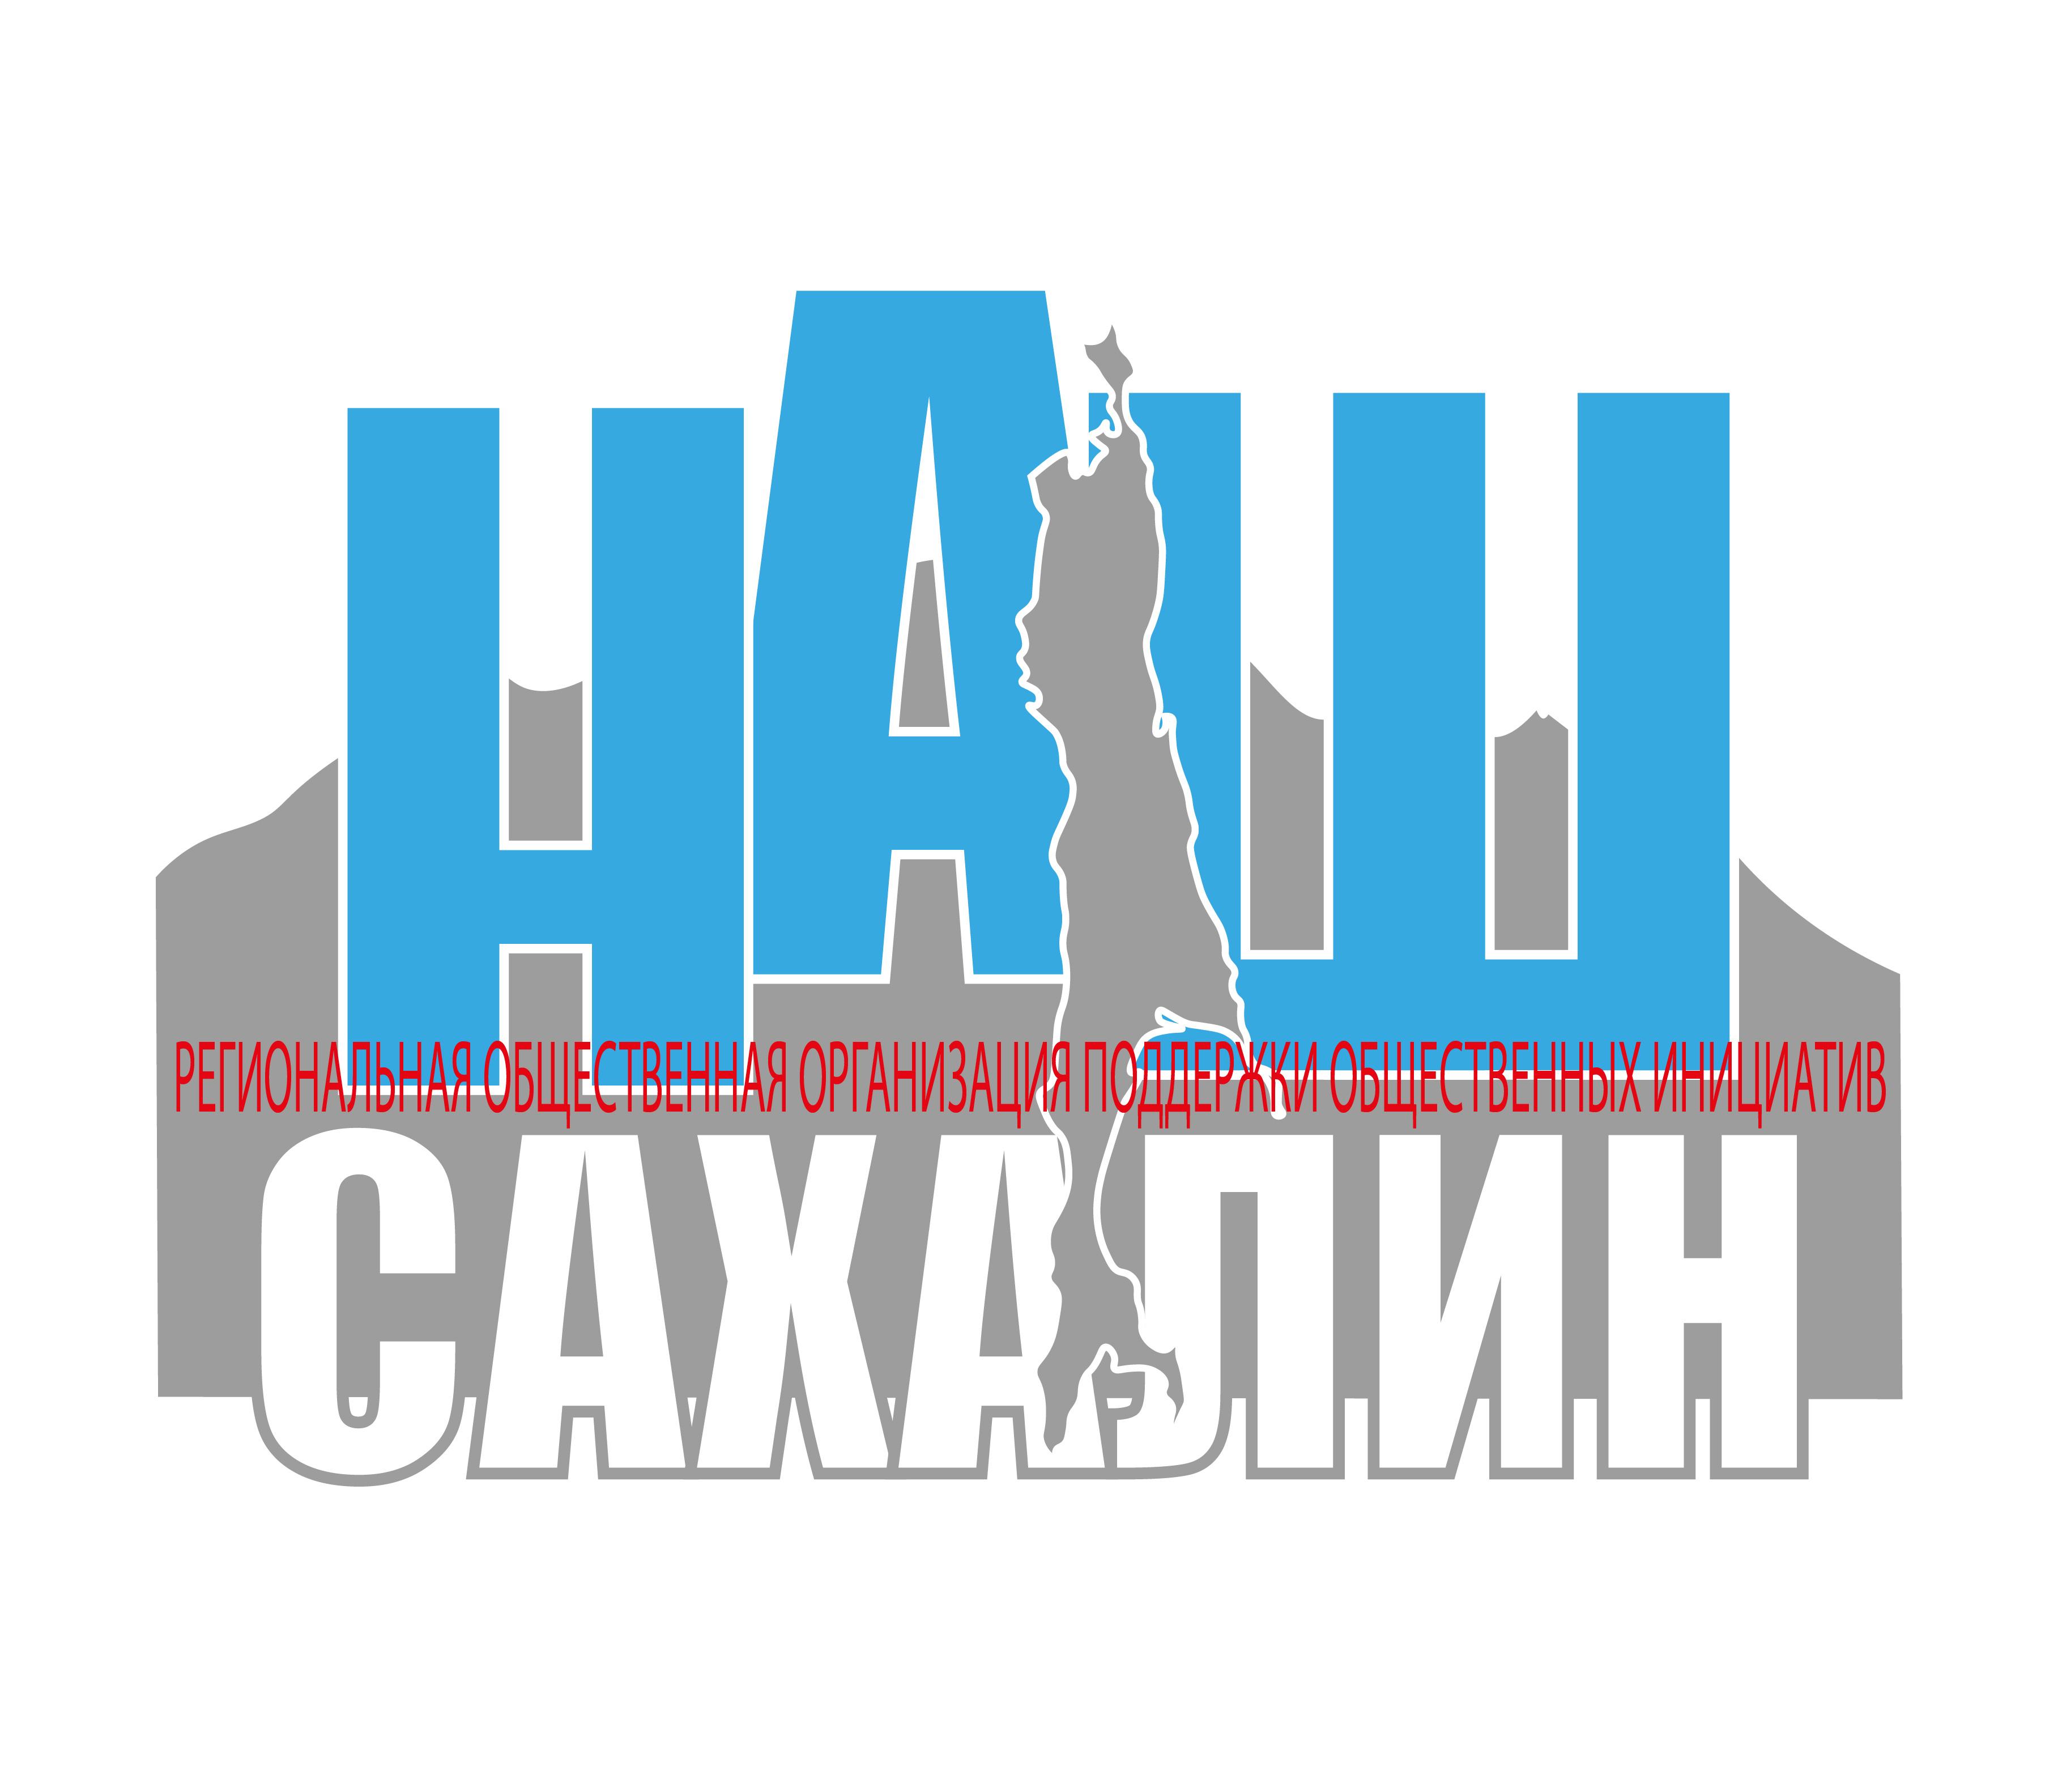 """Логотип для некоммерческой организации """"Наш Сахалин"""" фото f_7445a7c1de59f33a.jpg"""